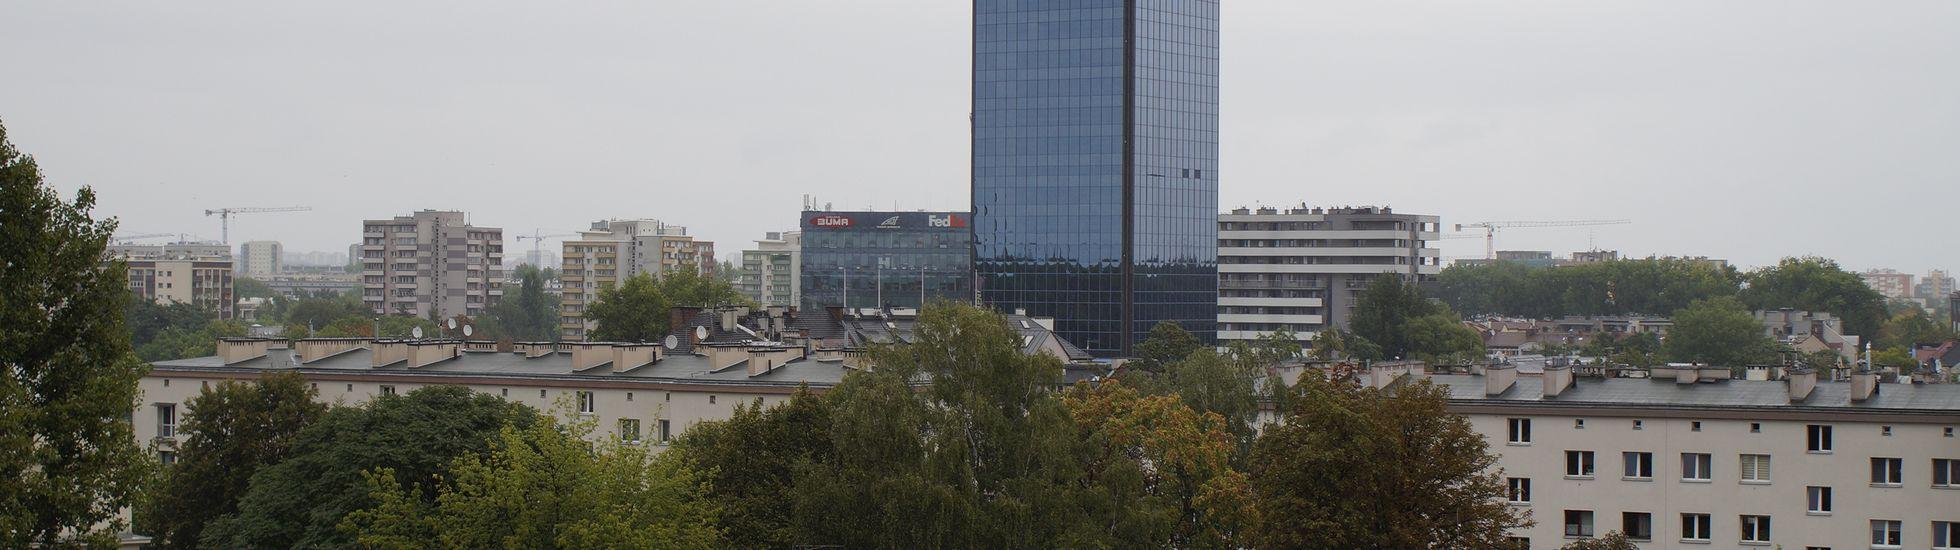 [Kraków] Luksemburski fundusz kupuje biurowiec K1, jeden z symboli Krakowa